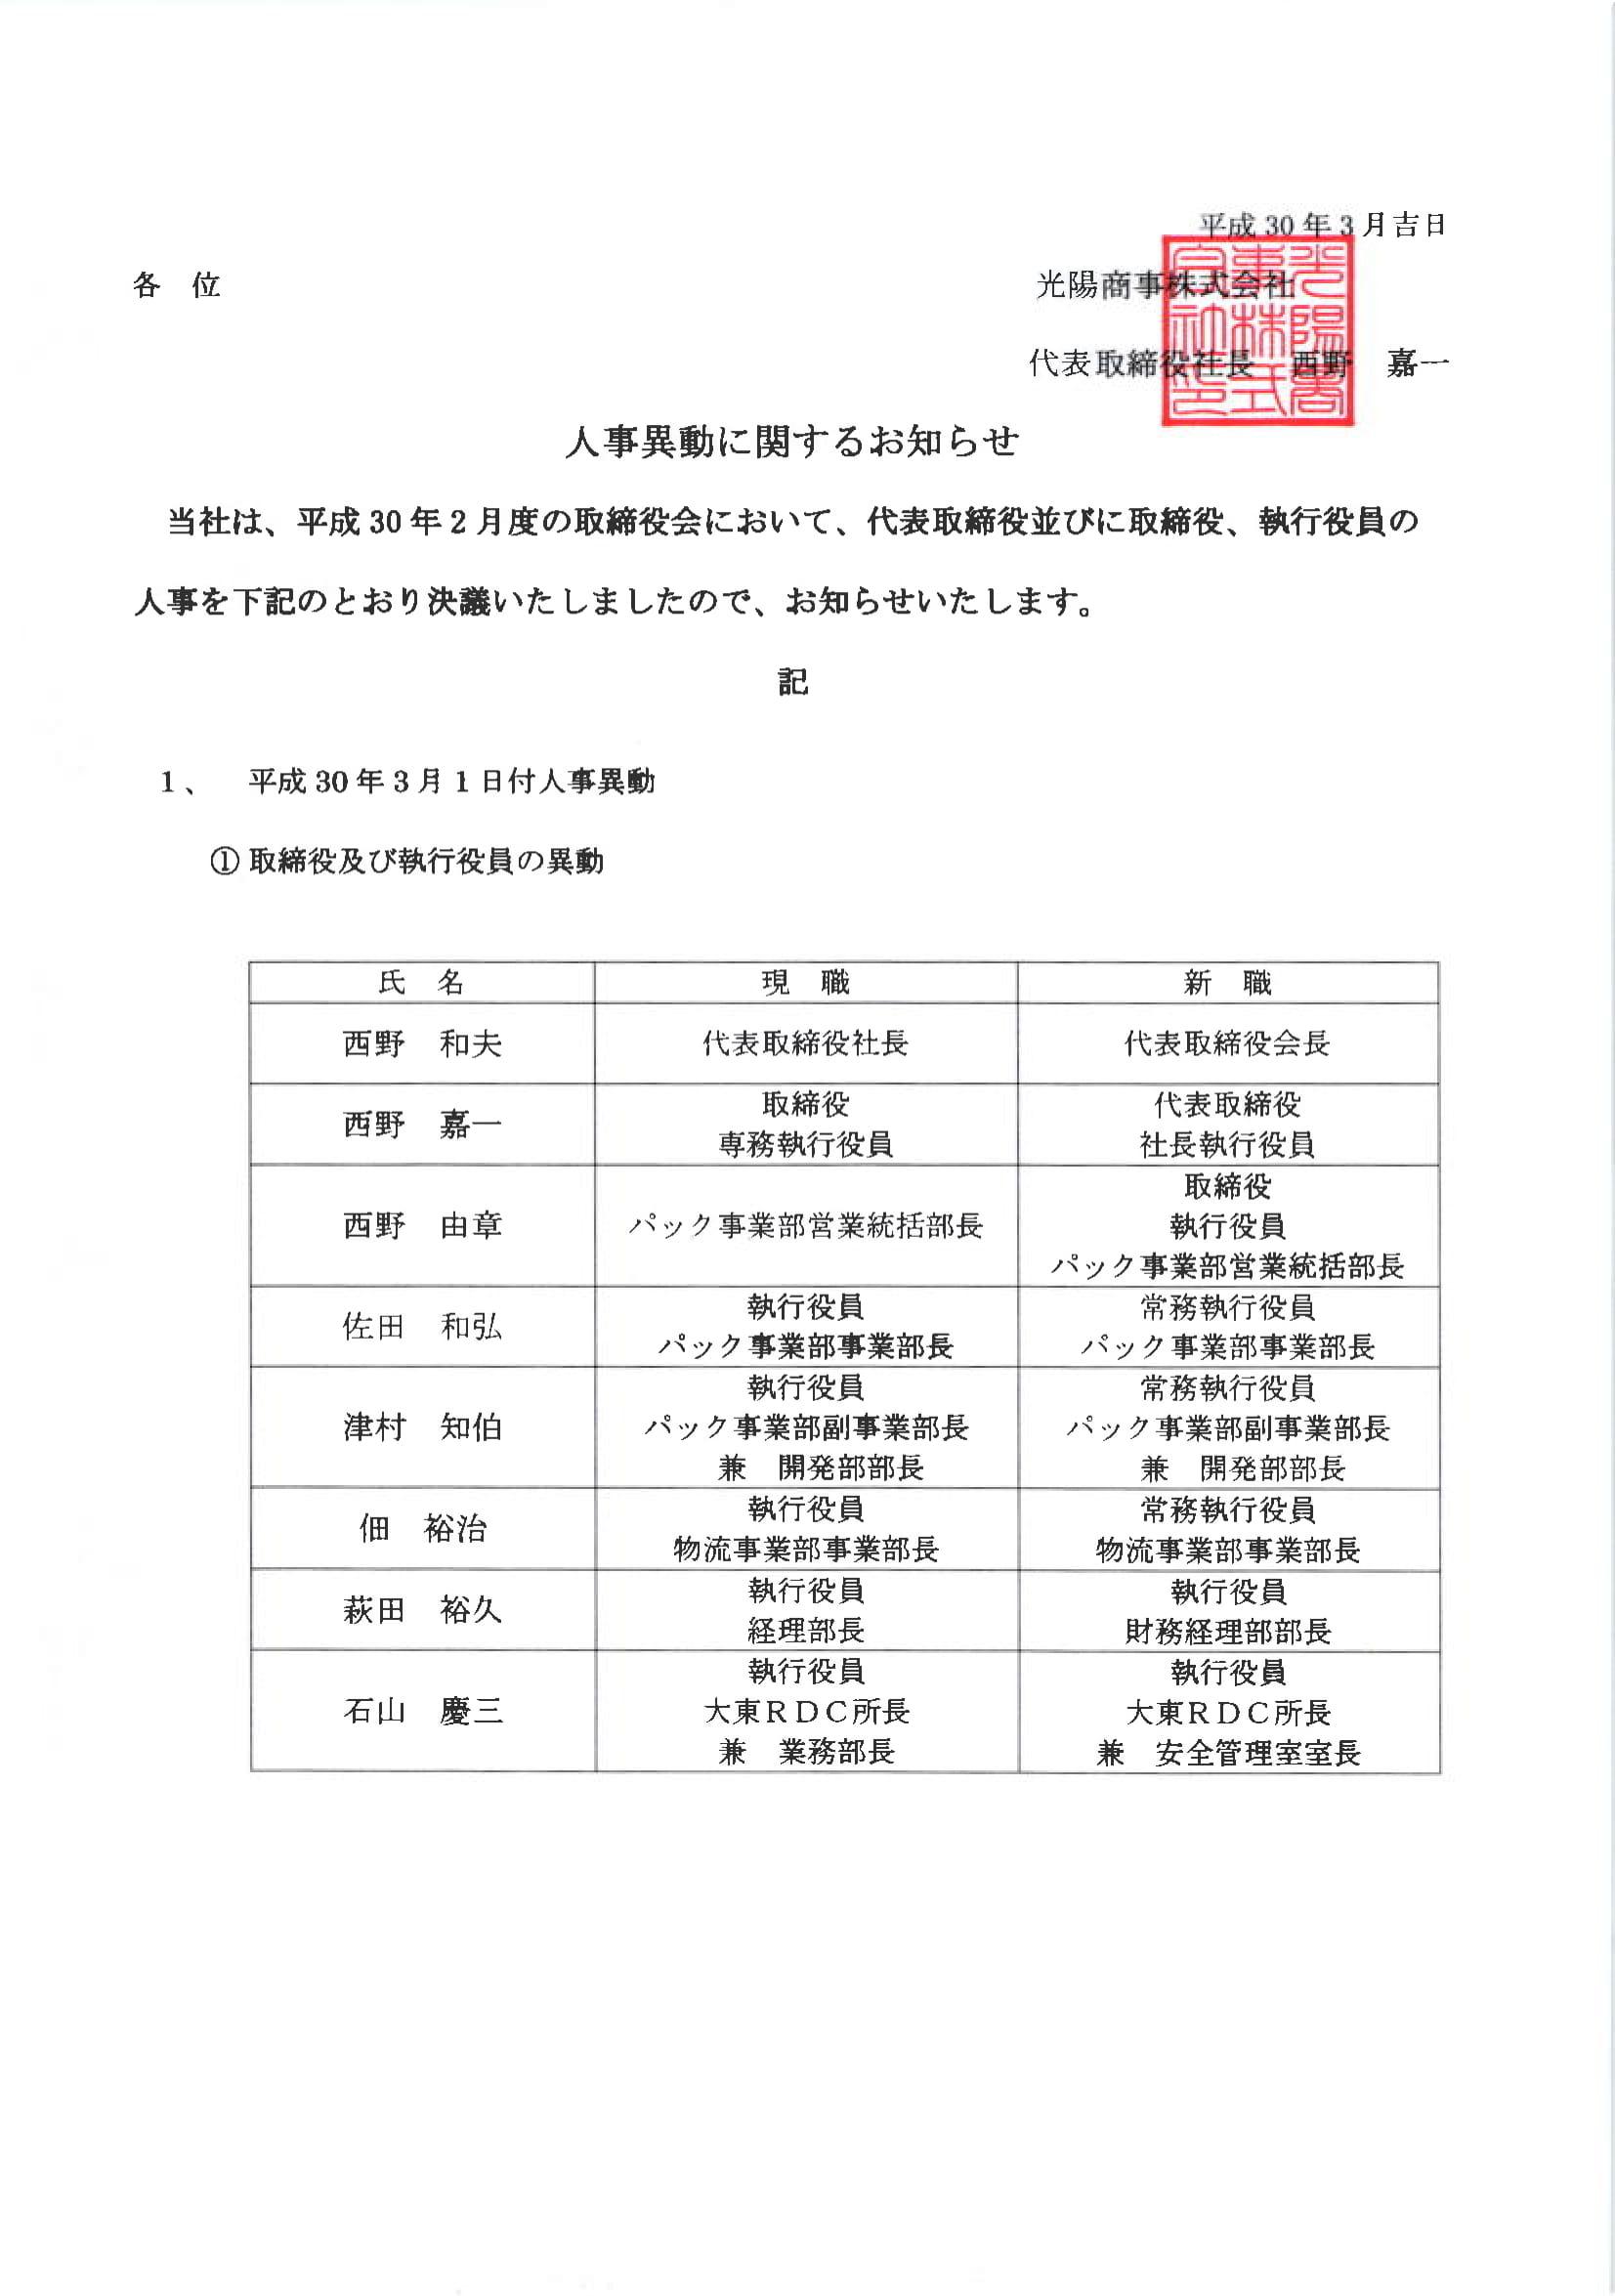 56期役員人事異動お知らせ18年3月1日-1